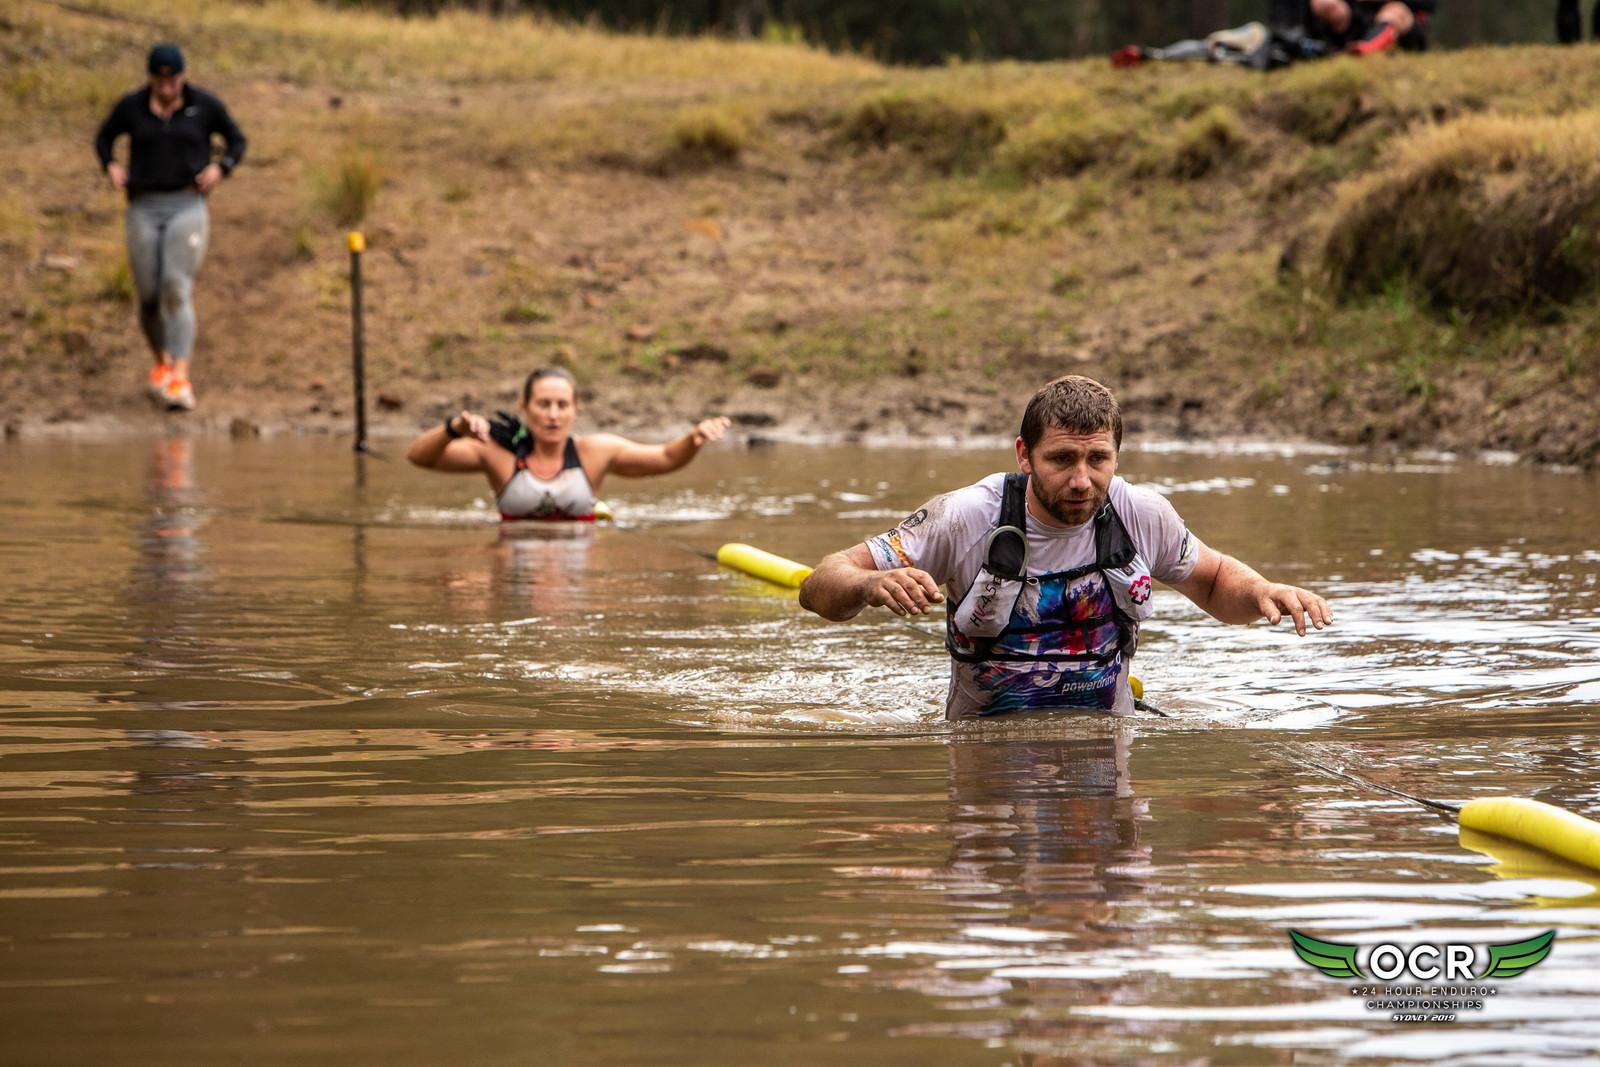 Voda nás měla nejspíš rozhodit, ale nakonec to bylo dost příjemné osvěžení